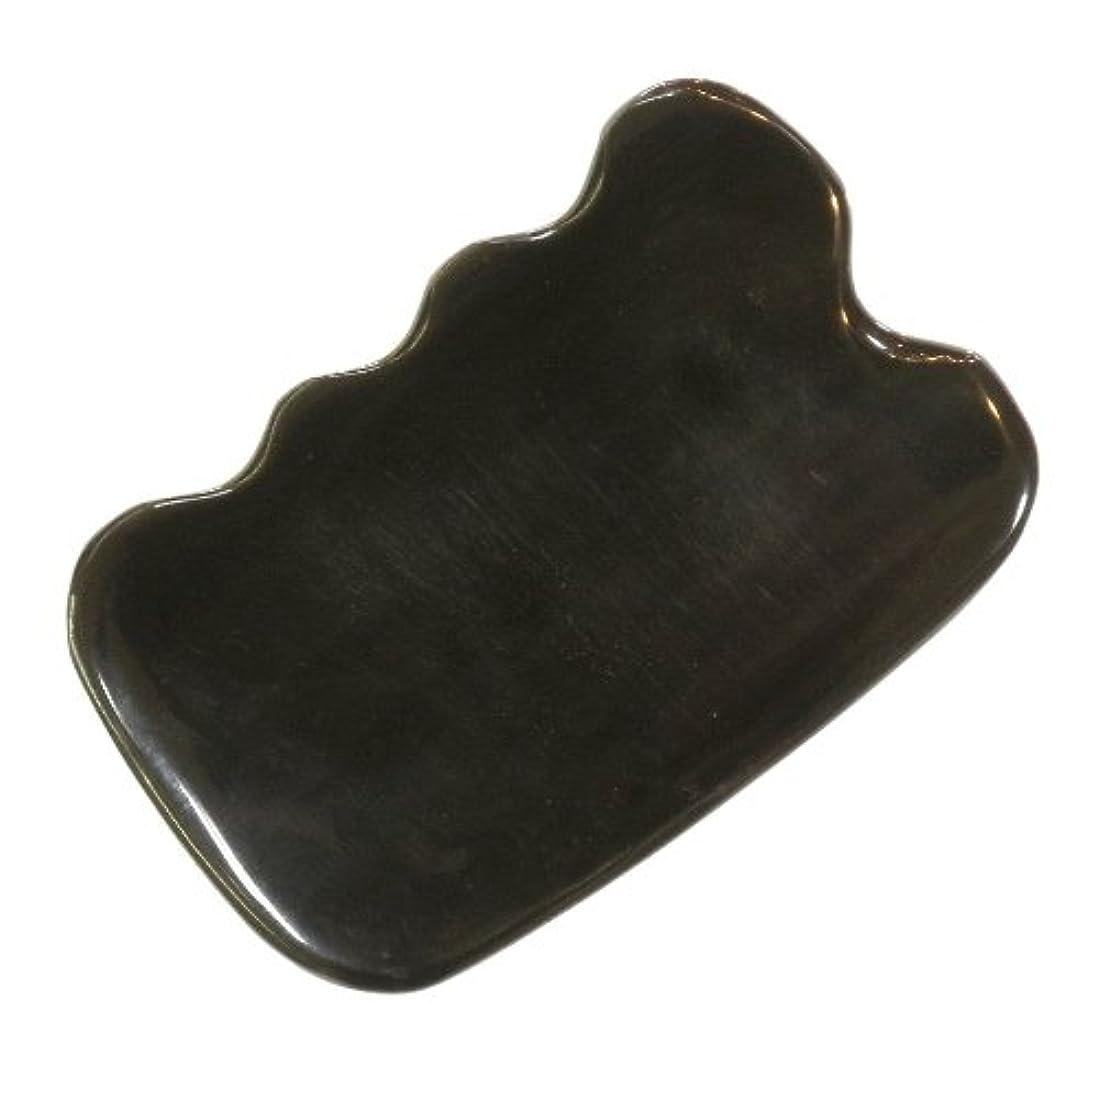 クレア慎重うんざりかっさ プレート 厚さが選べる ヤクの角(水牛の角) EHE272SP 四角波大 特級品 標準(6ミリ程度)